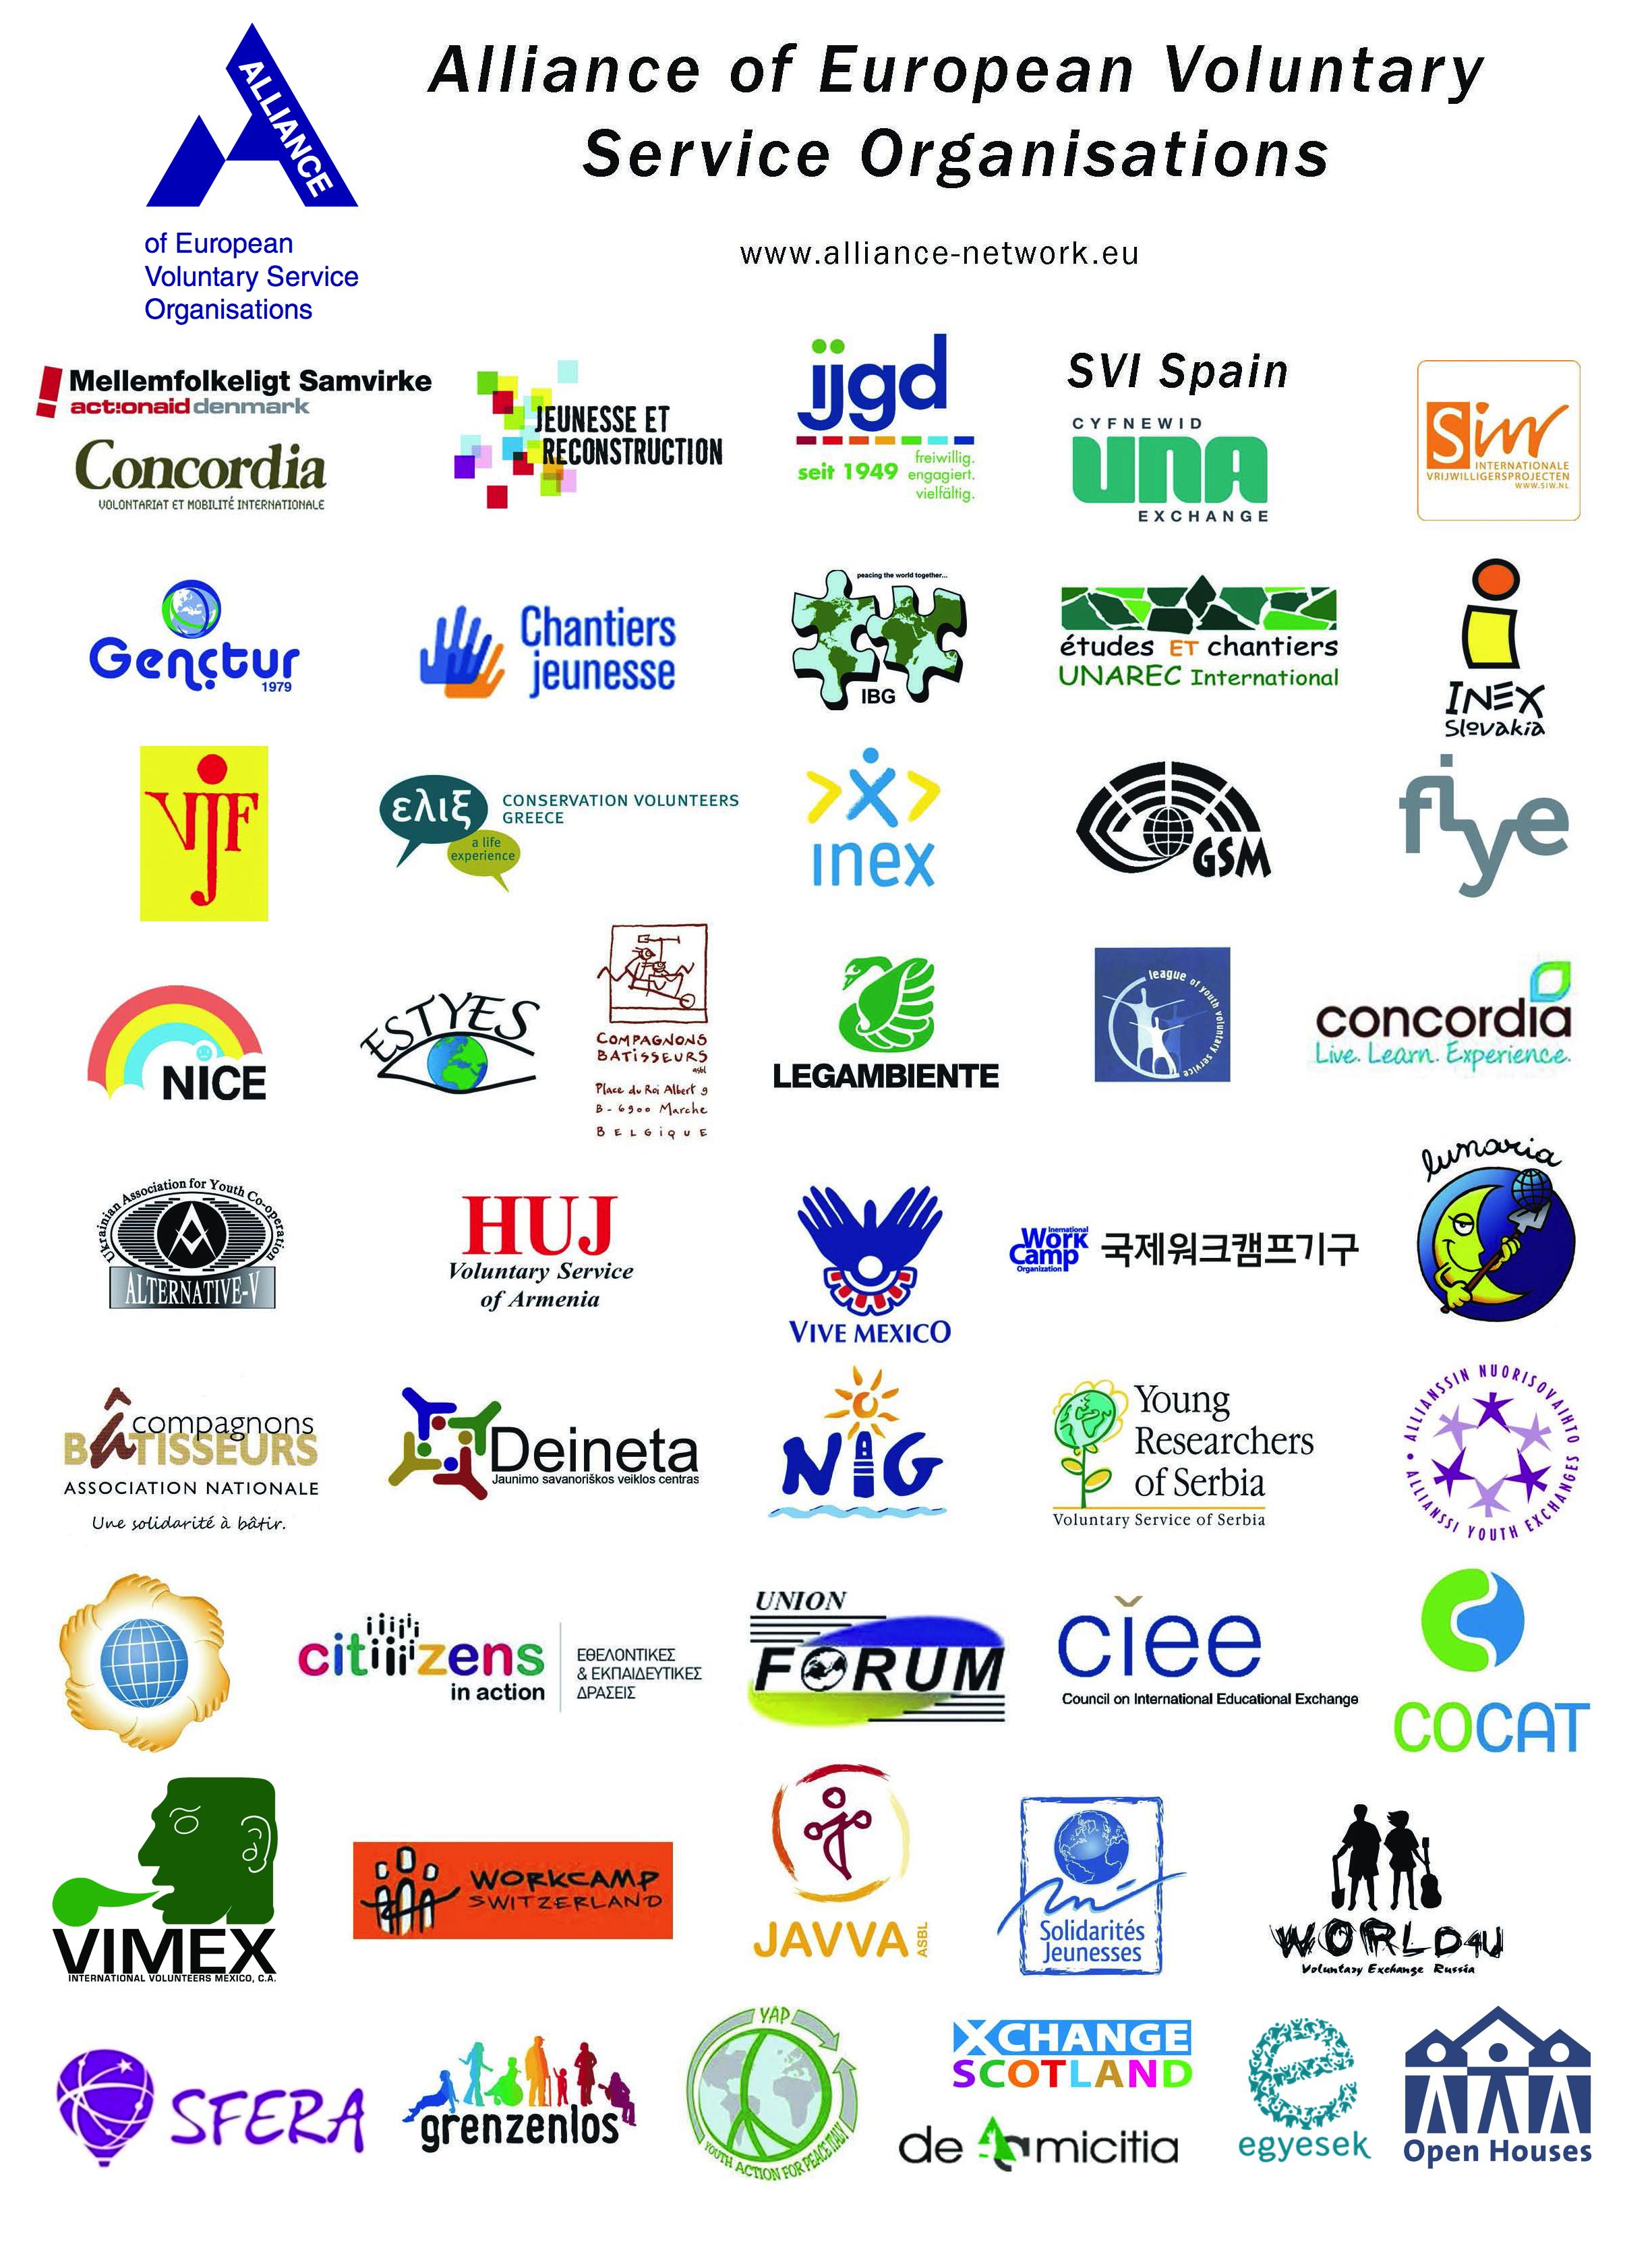 Alliance members in 2016